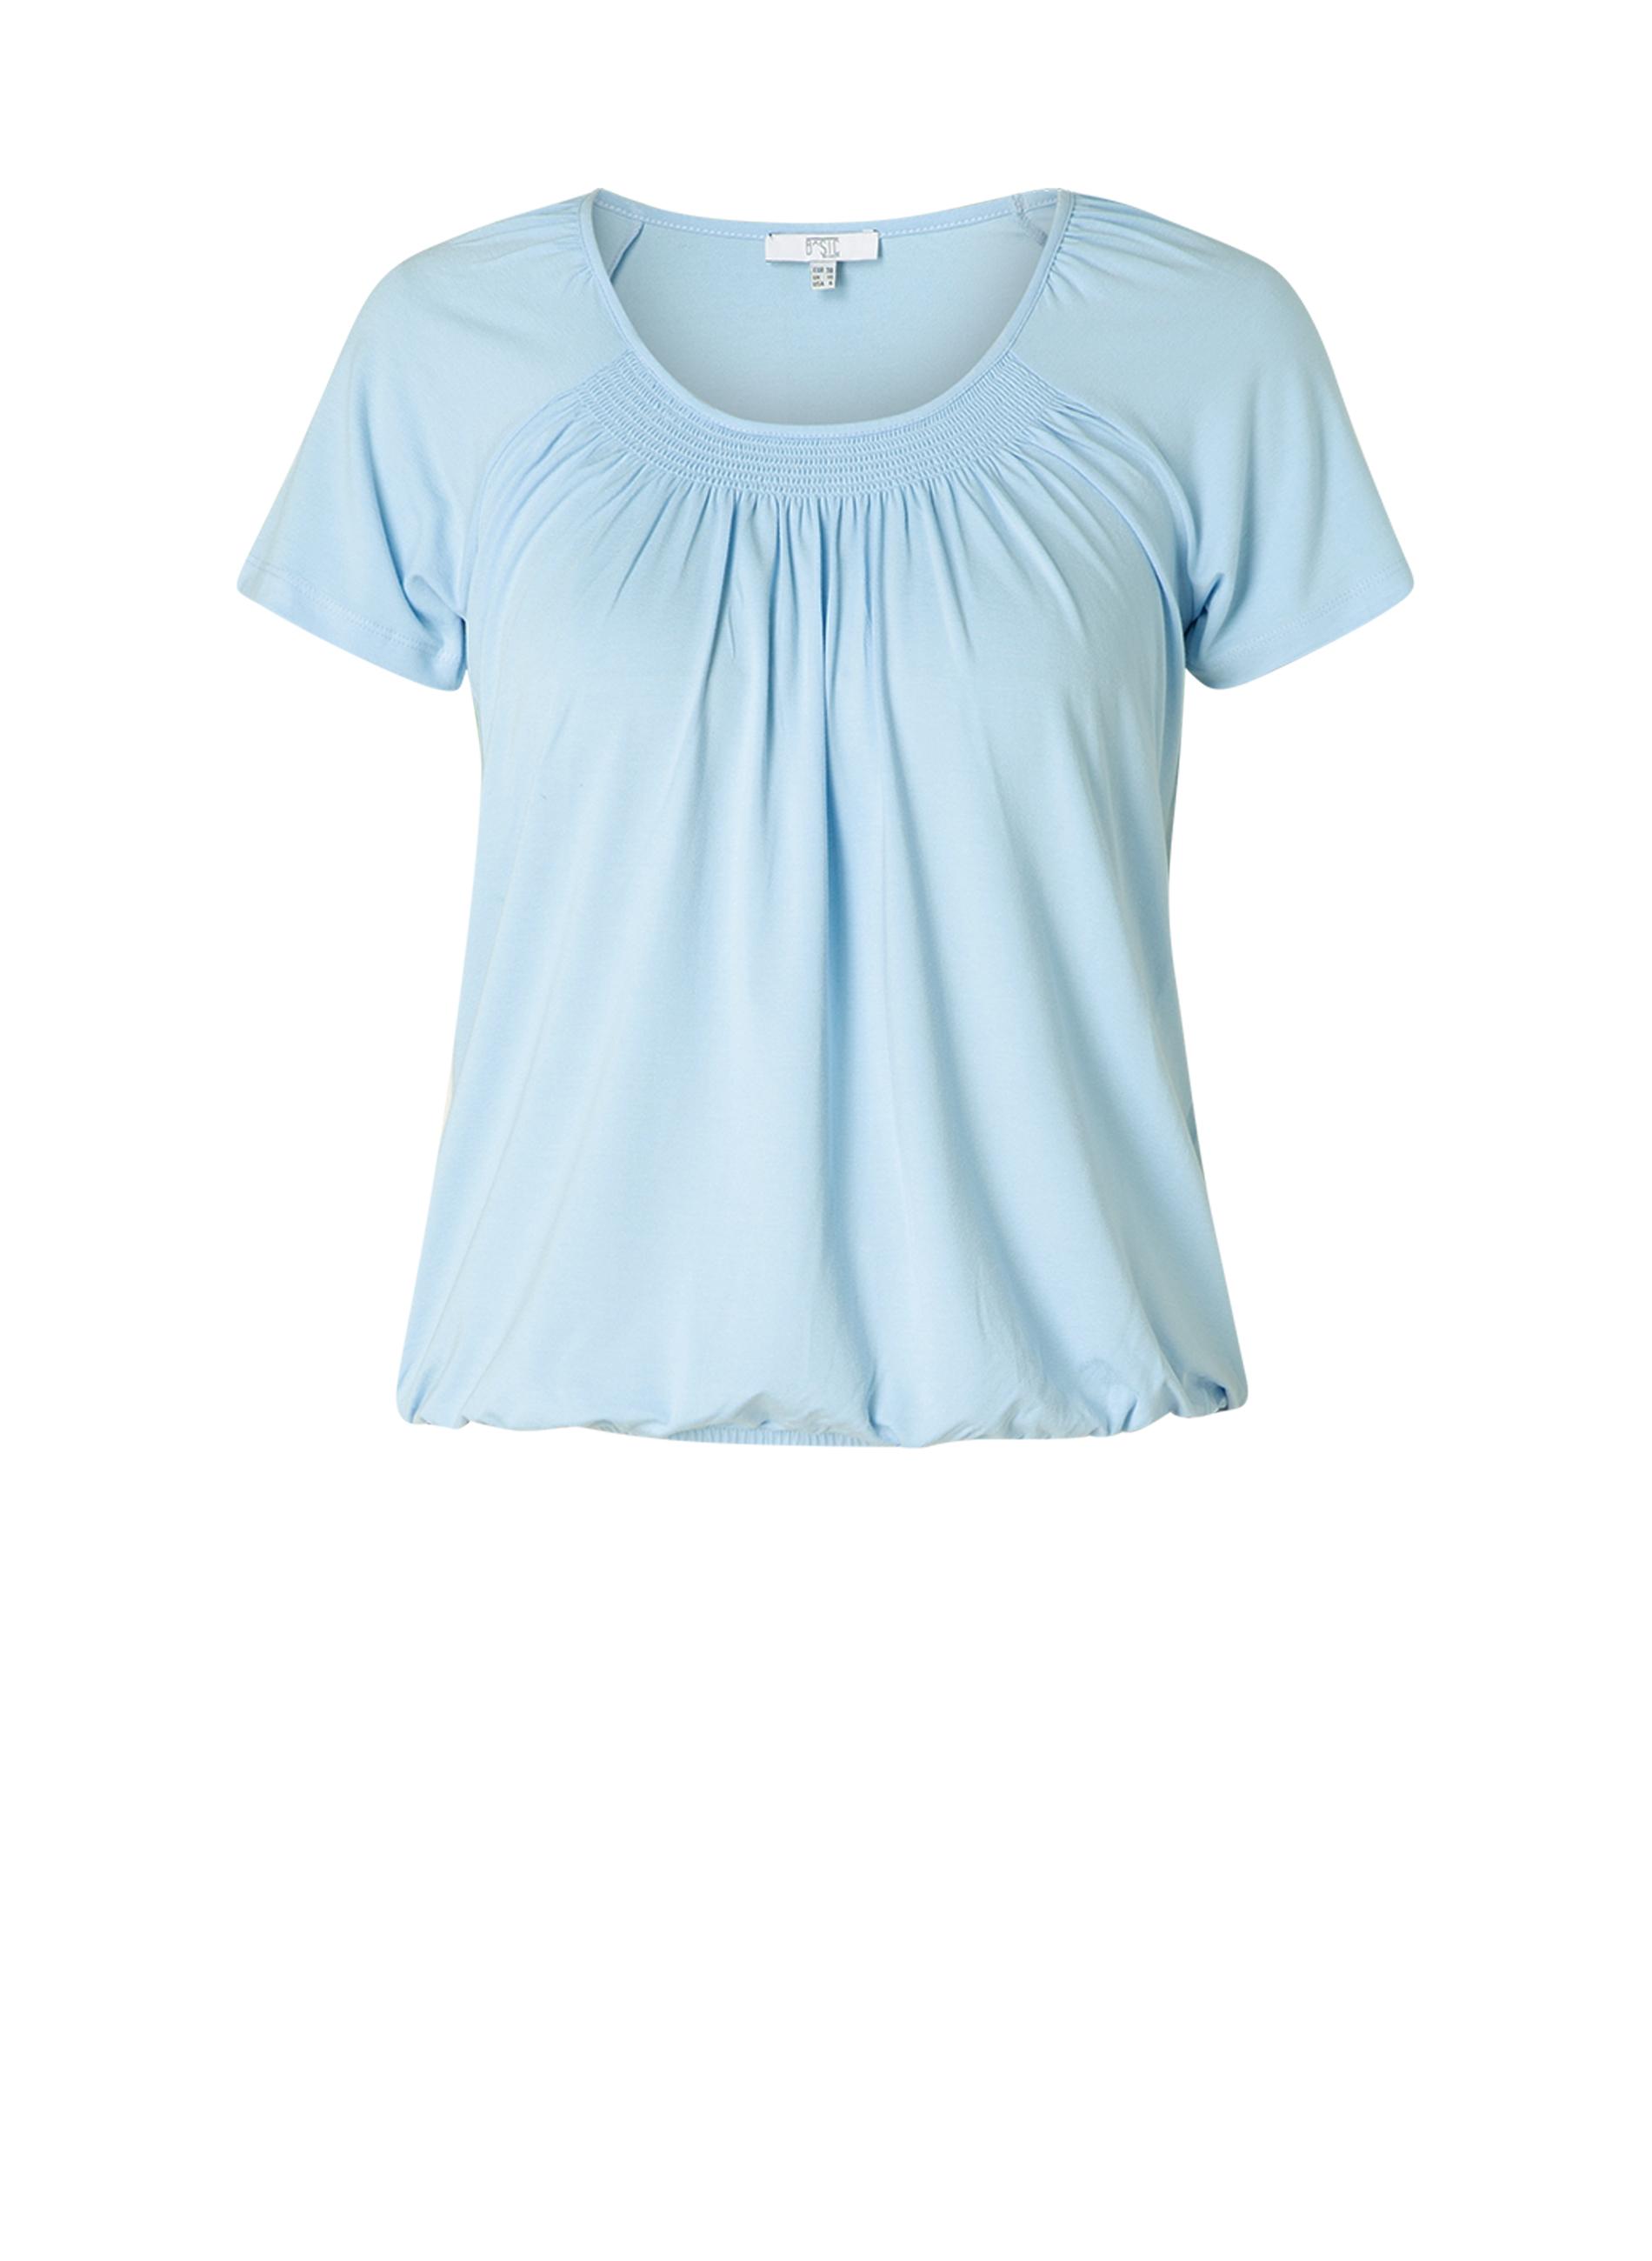 Shirt Yogi Yest Basic